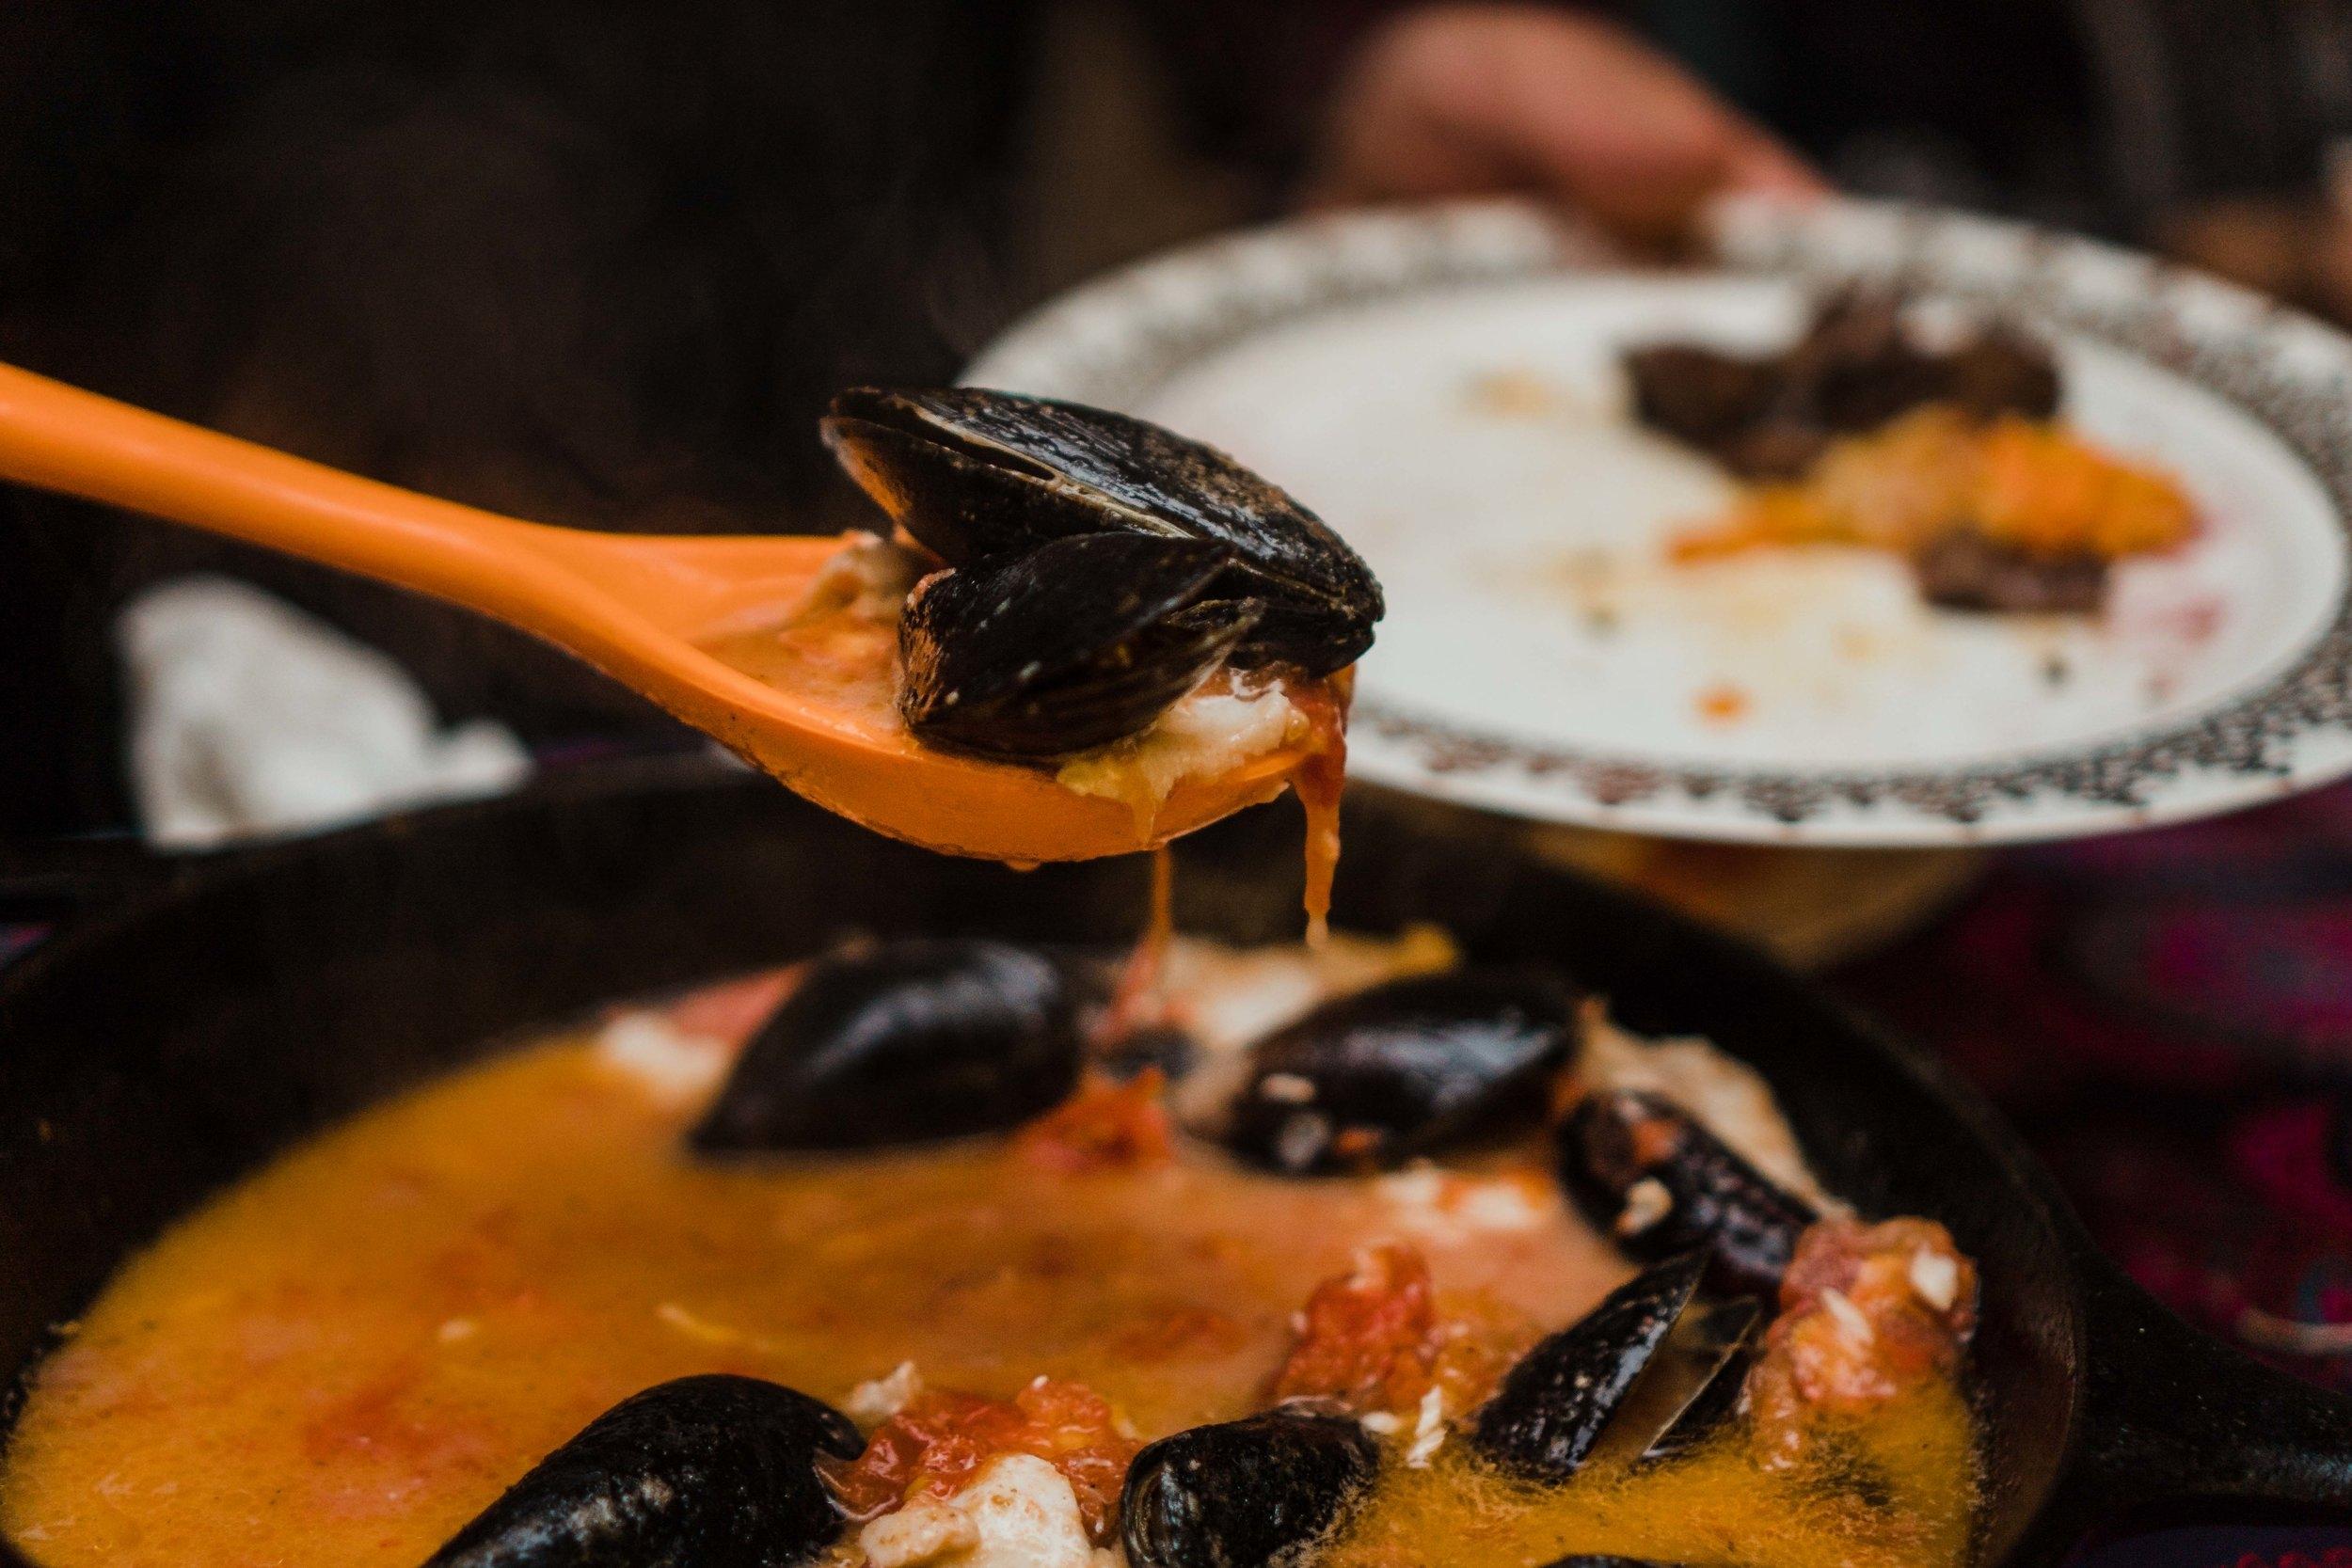 Fort Peck Walleye + Mussels